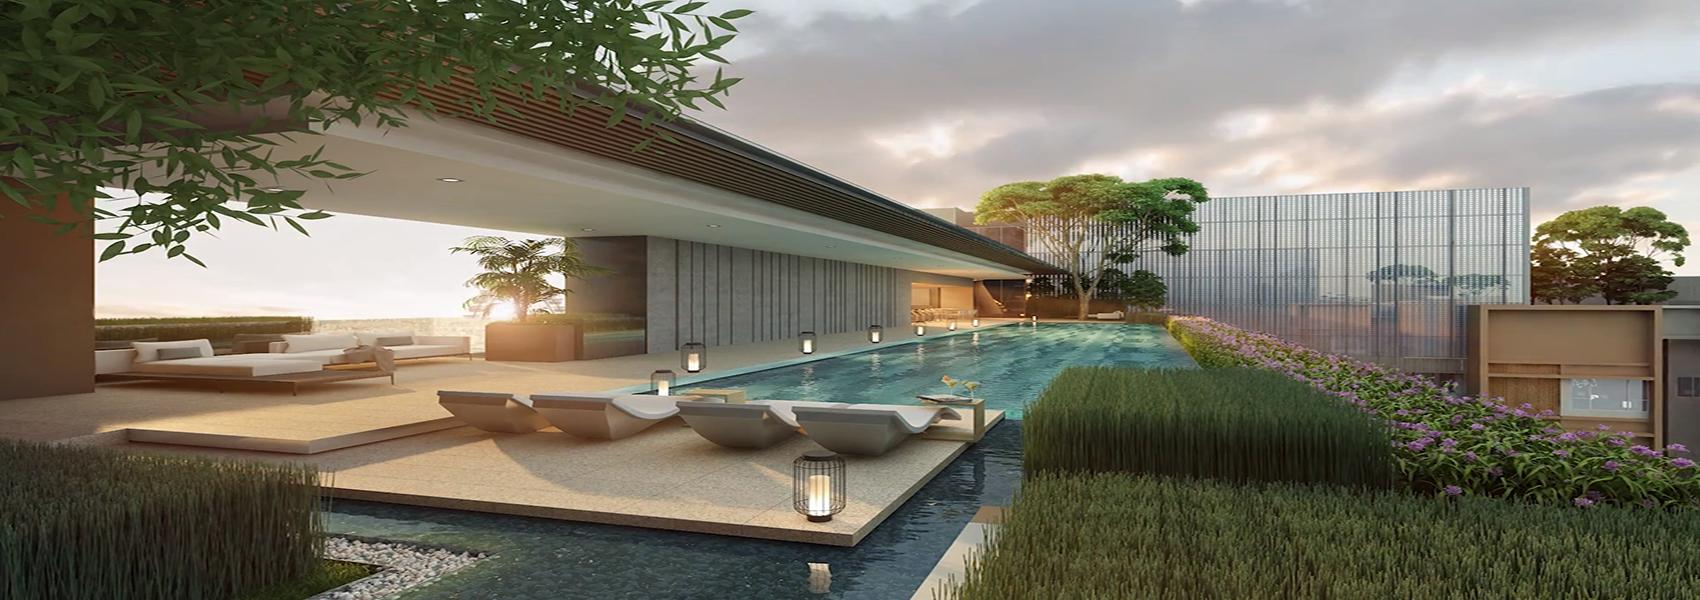 Mua bán cho thuê dự án căn hộ chung cư The Marq Quận 1 Đường Nguyễn Đình Chiểu chủ đầu tư HongKong Land & Hoa Lâm